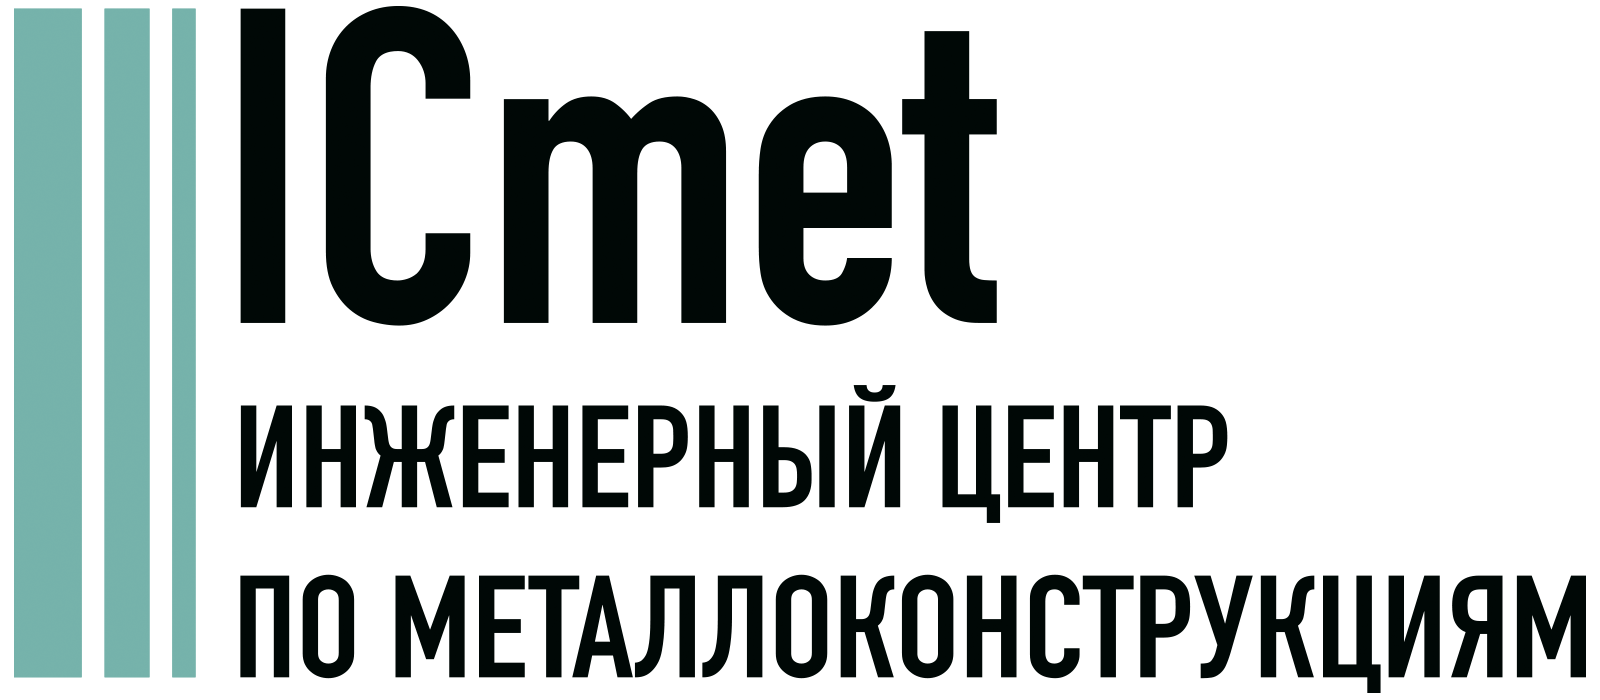 Проектирование металлоконструкций во Владивостоке